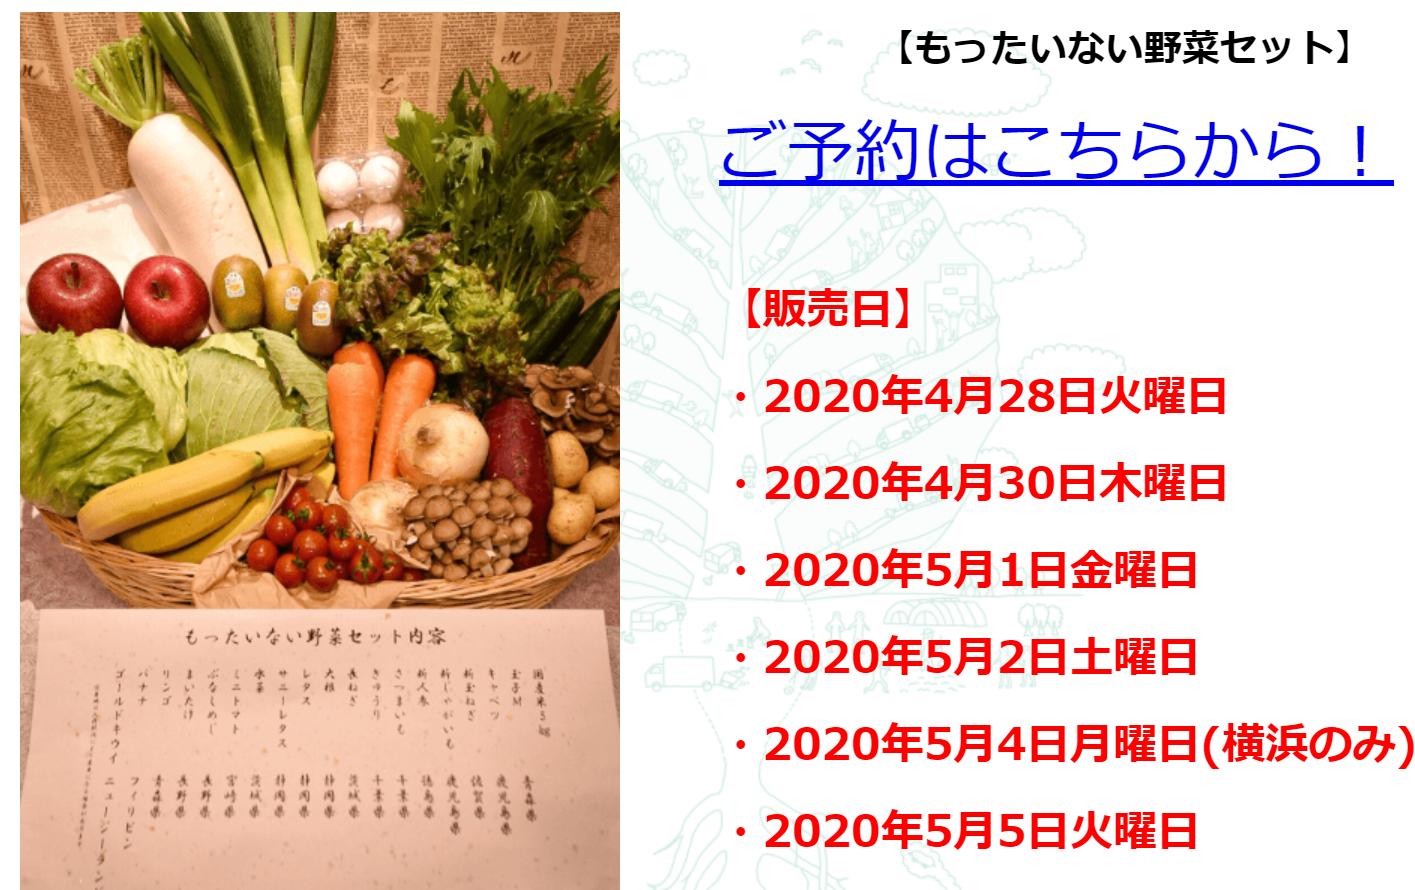 サプライ 野菜 ドライブ スルー フード